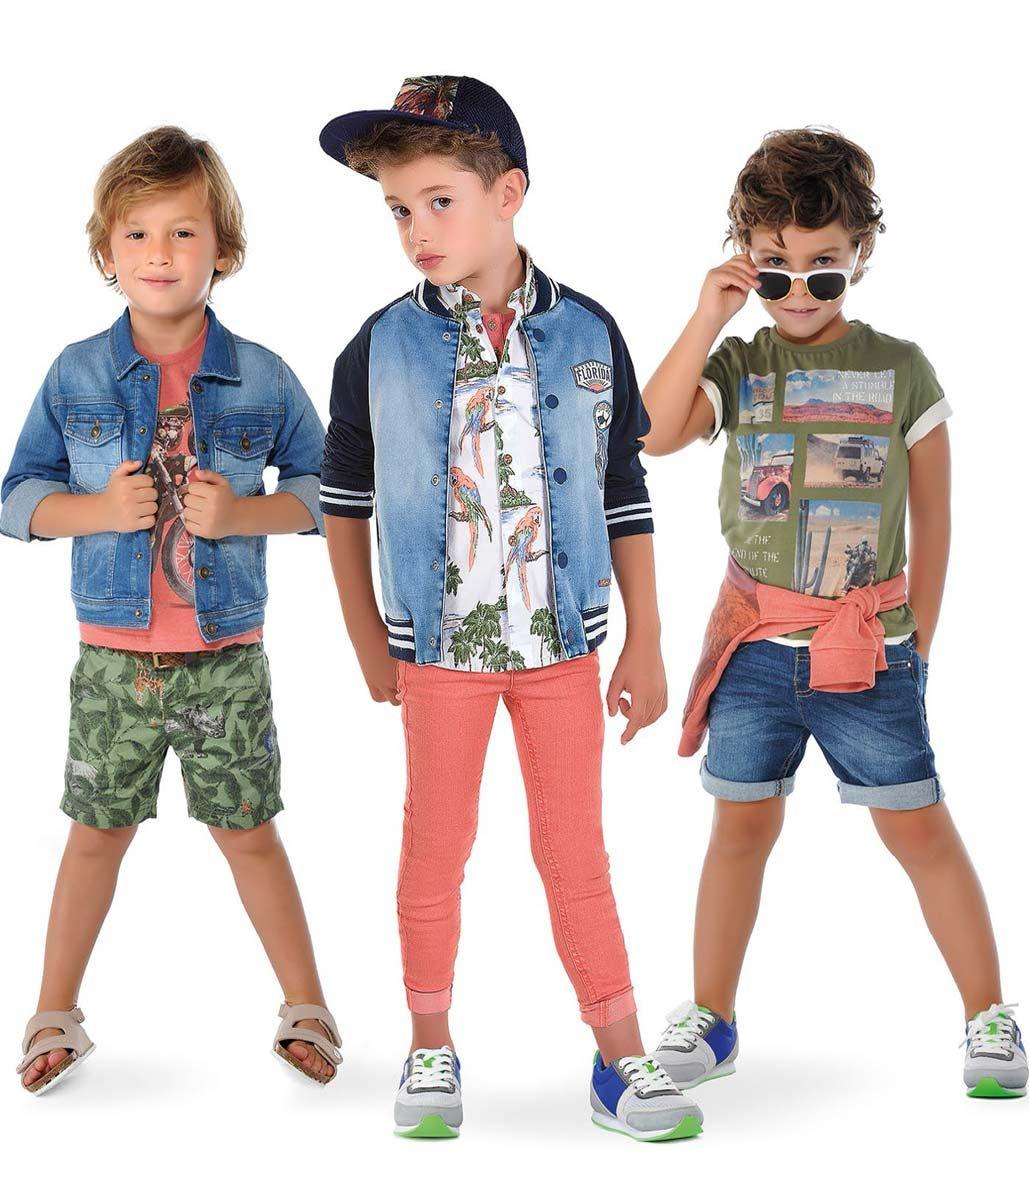 Стильная модная одежда в картинках для детей